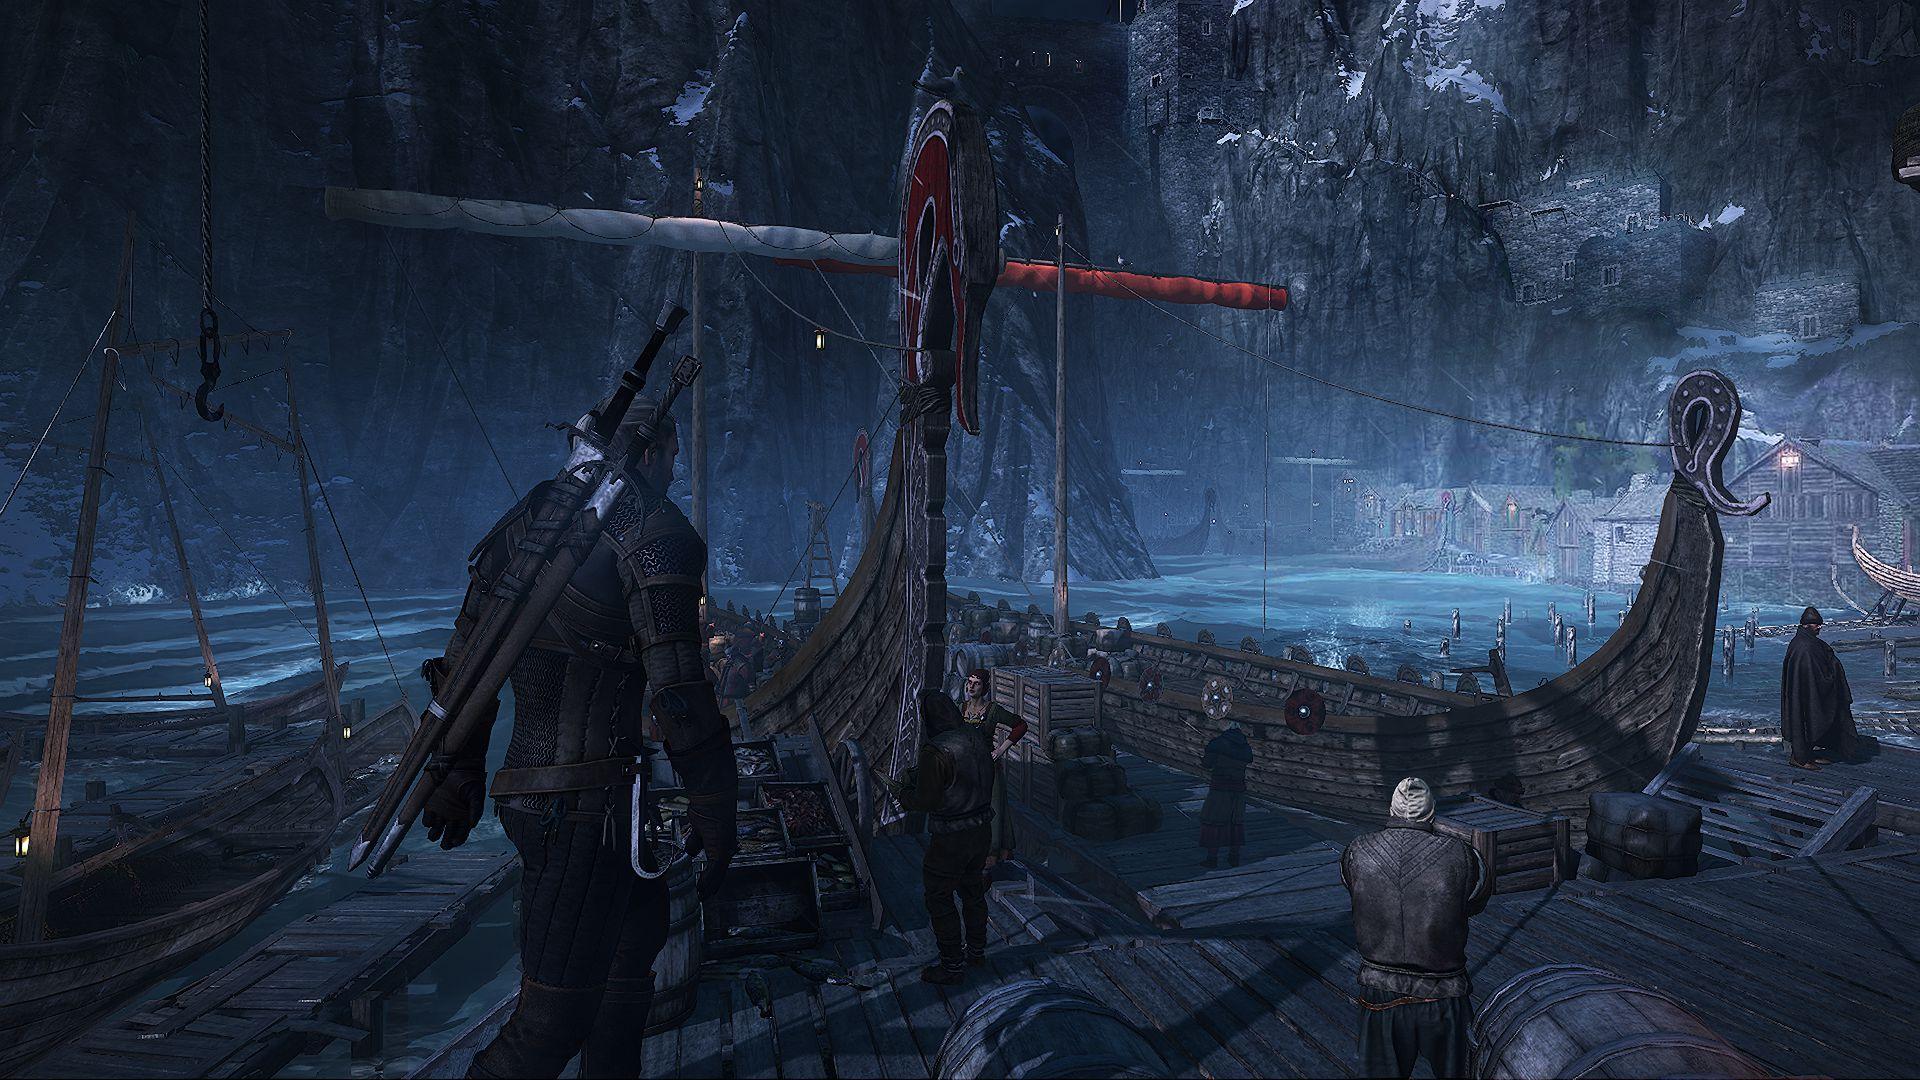 6247_the_witcher_3_wild_hunt_docks